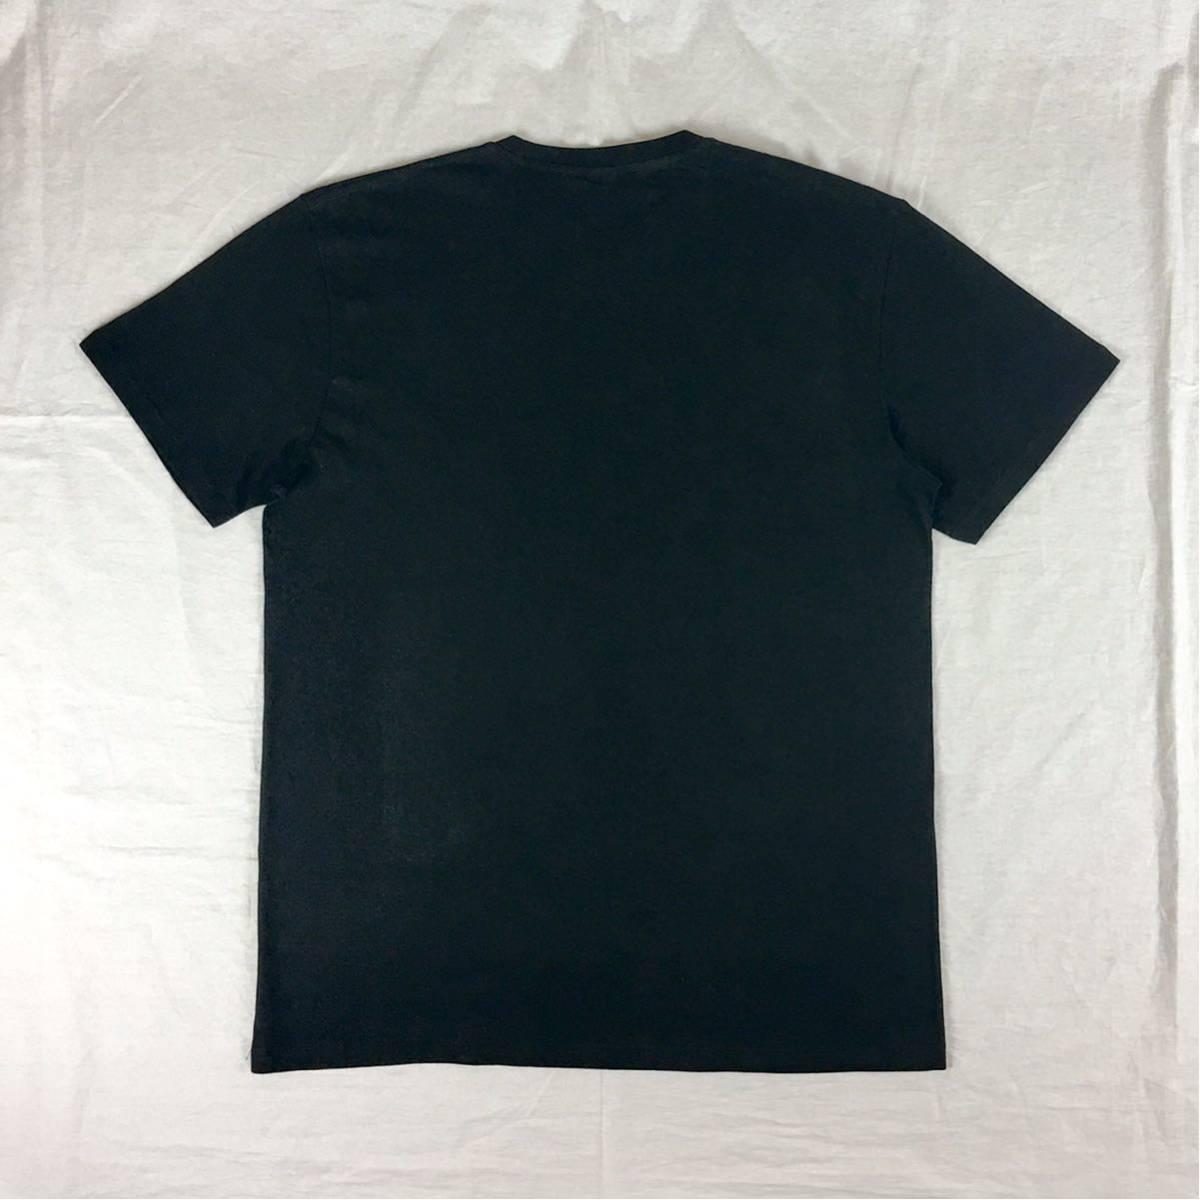 新品 大きい オーバー サイズ XXL 3XL 4XL 5XL 対応 クイーン フレディマーキュリー ボヘミアンラプソディ ビッグ 黒 Tシャツ ロンT 可能_画像10